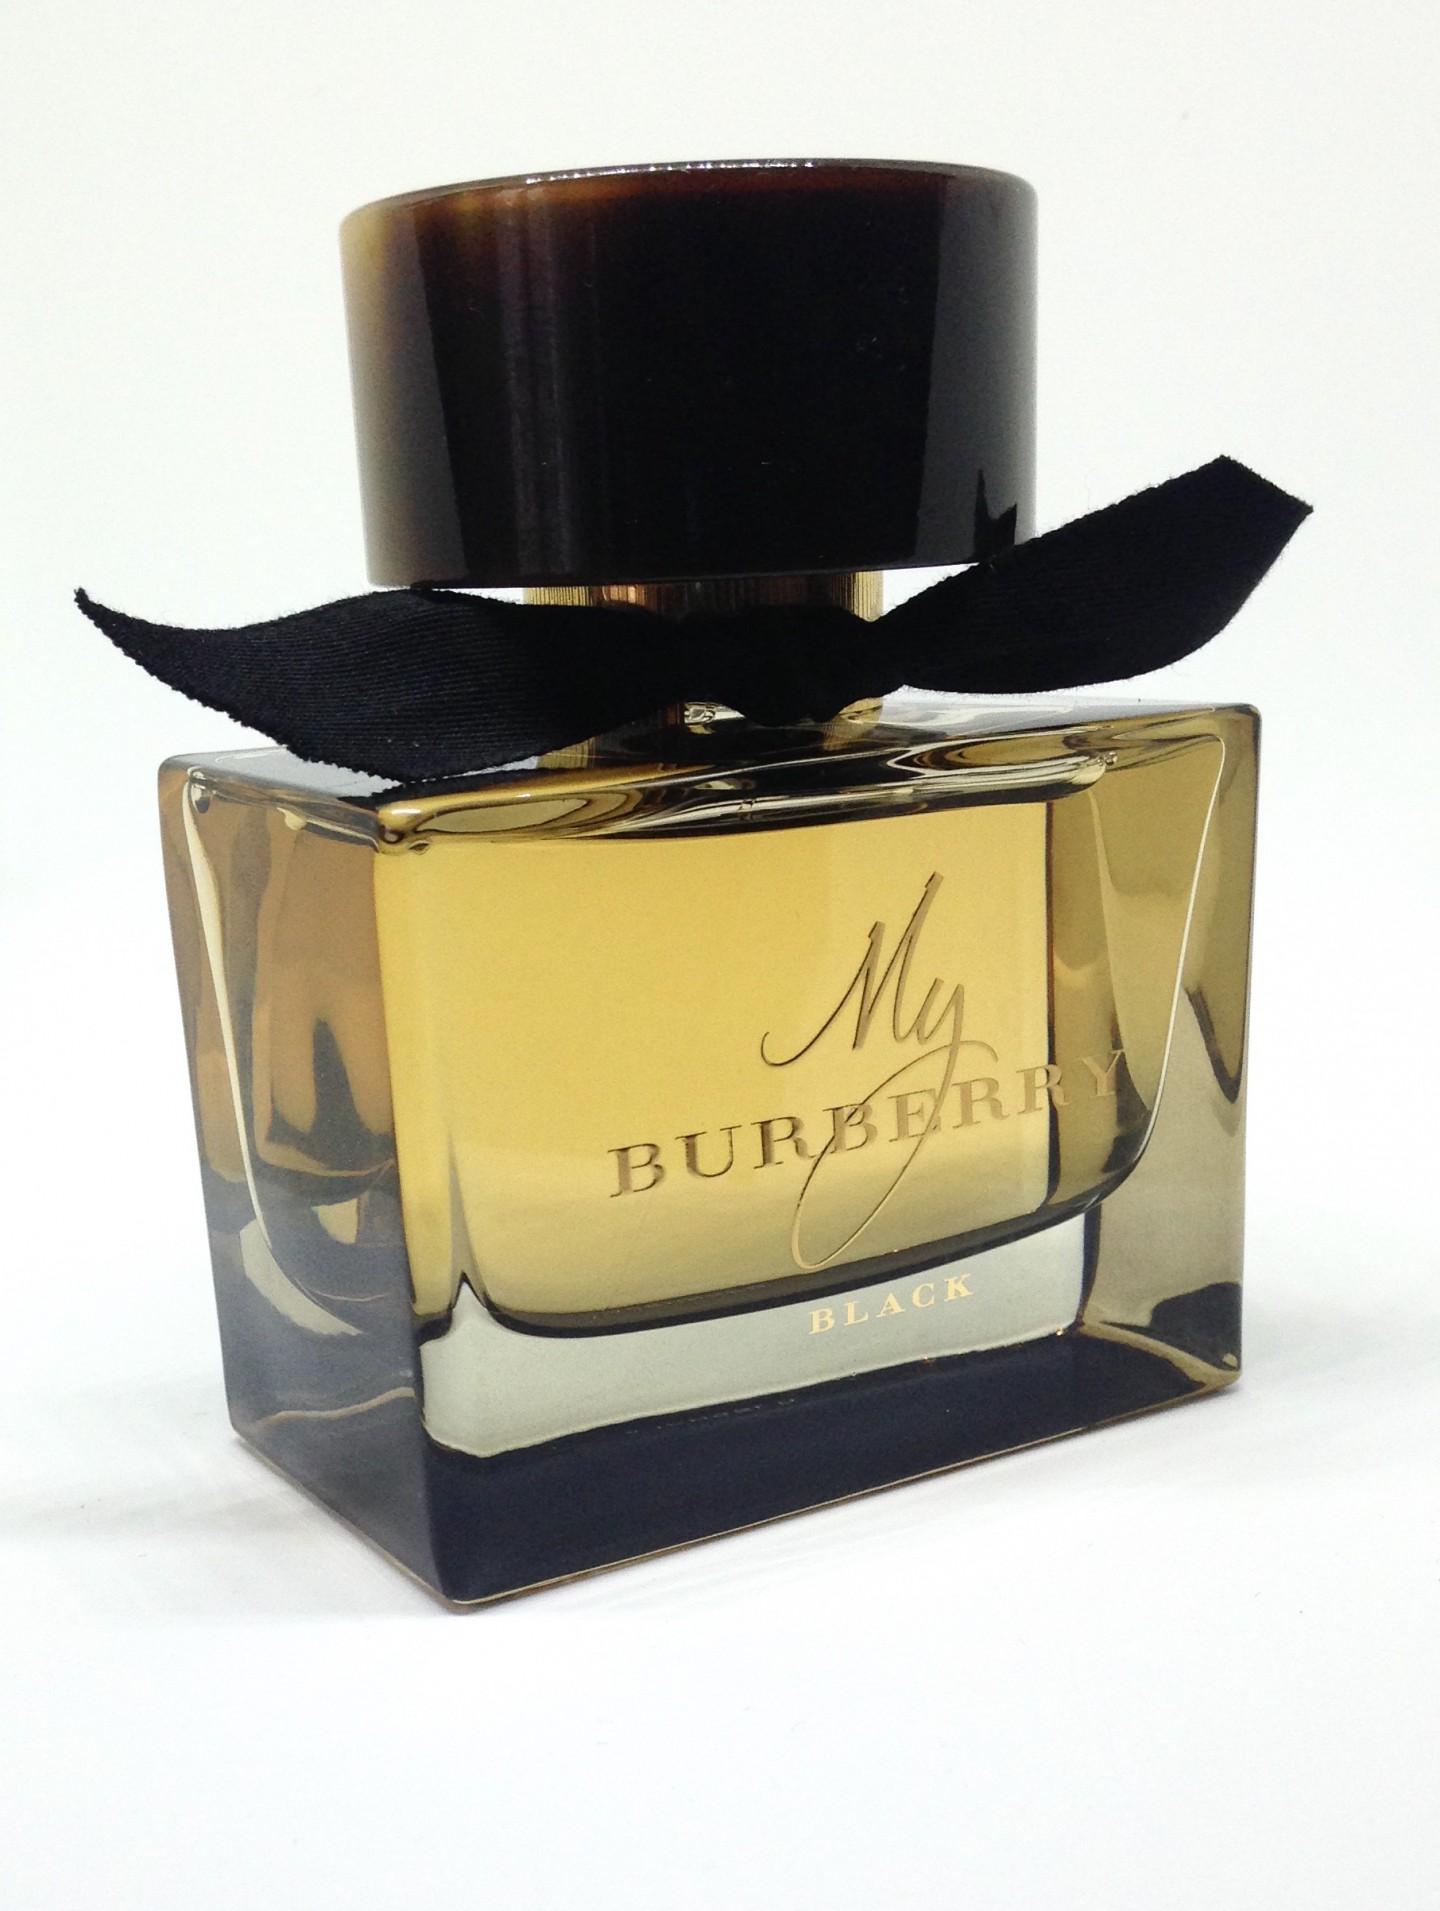 My Burberry Black Eau de Parfum